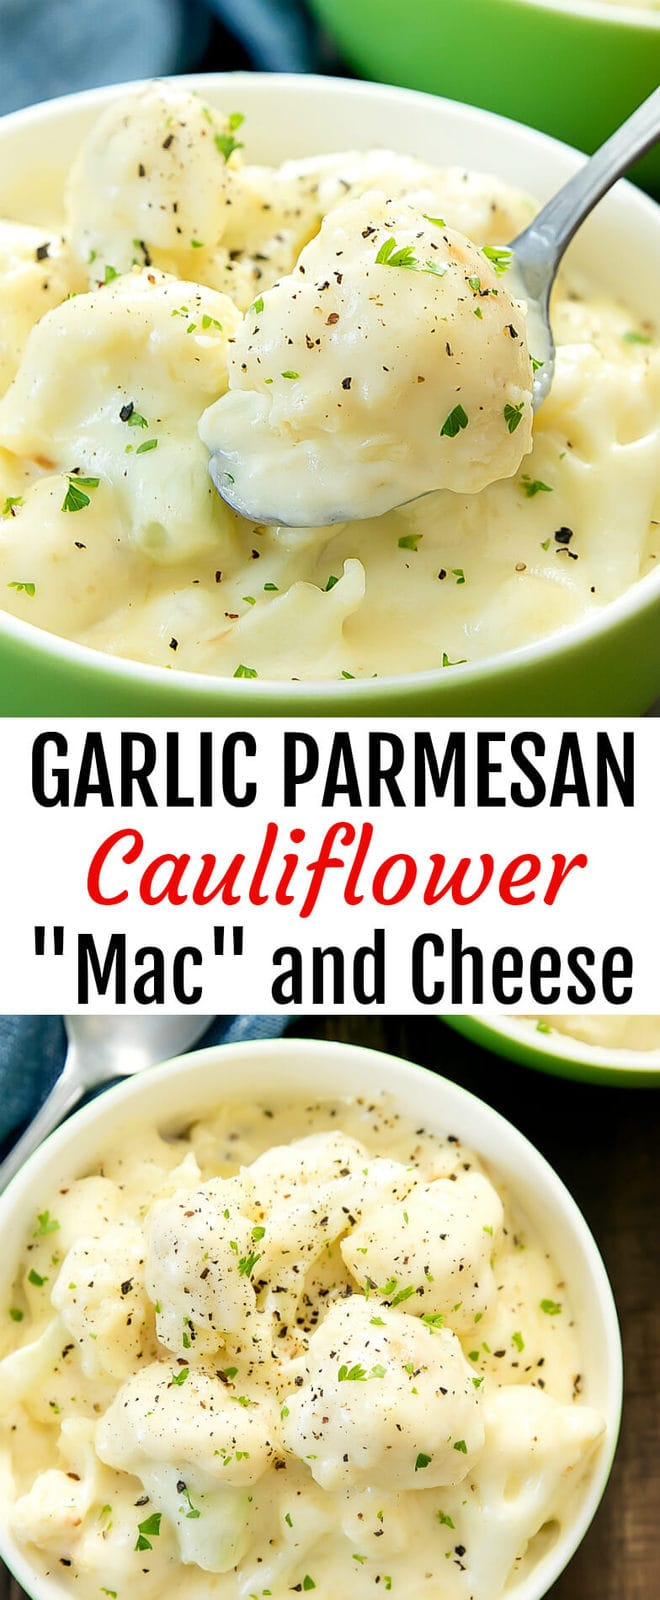 Garlic Parmesan Cauliflower